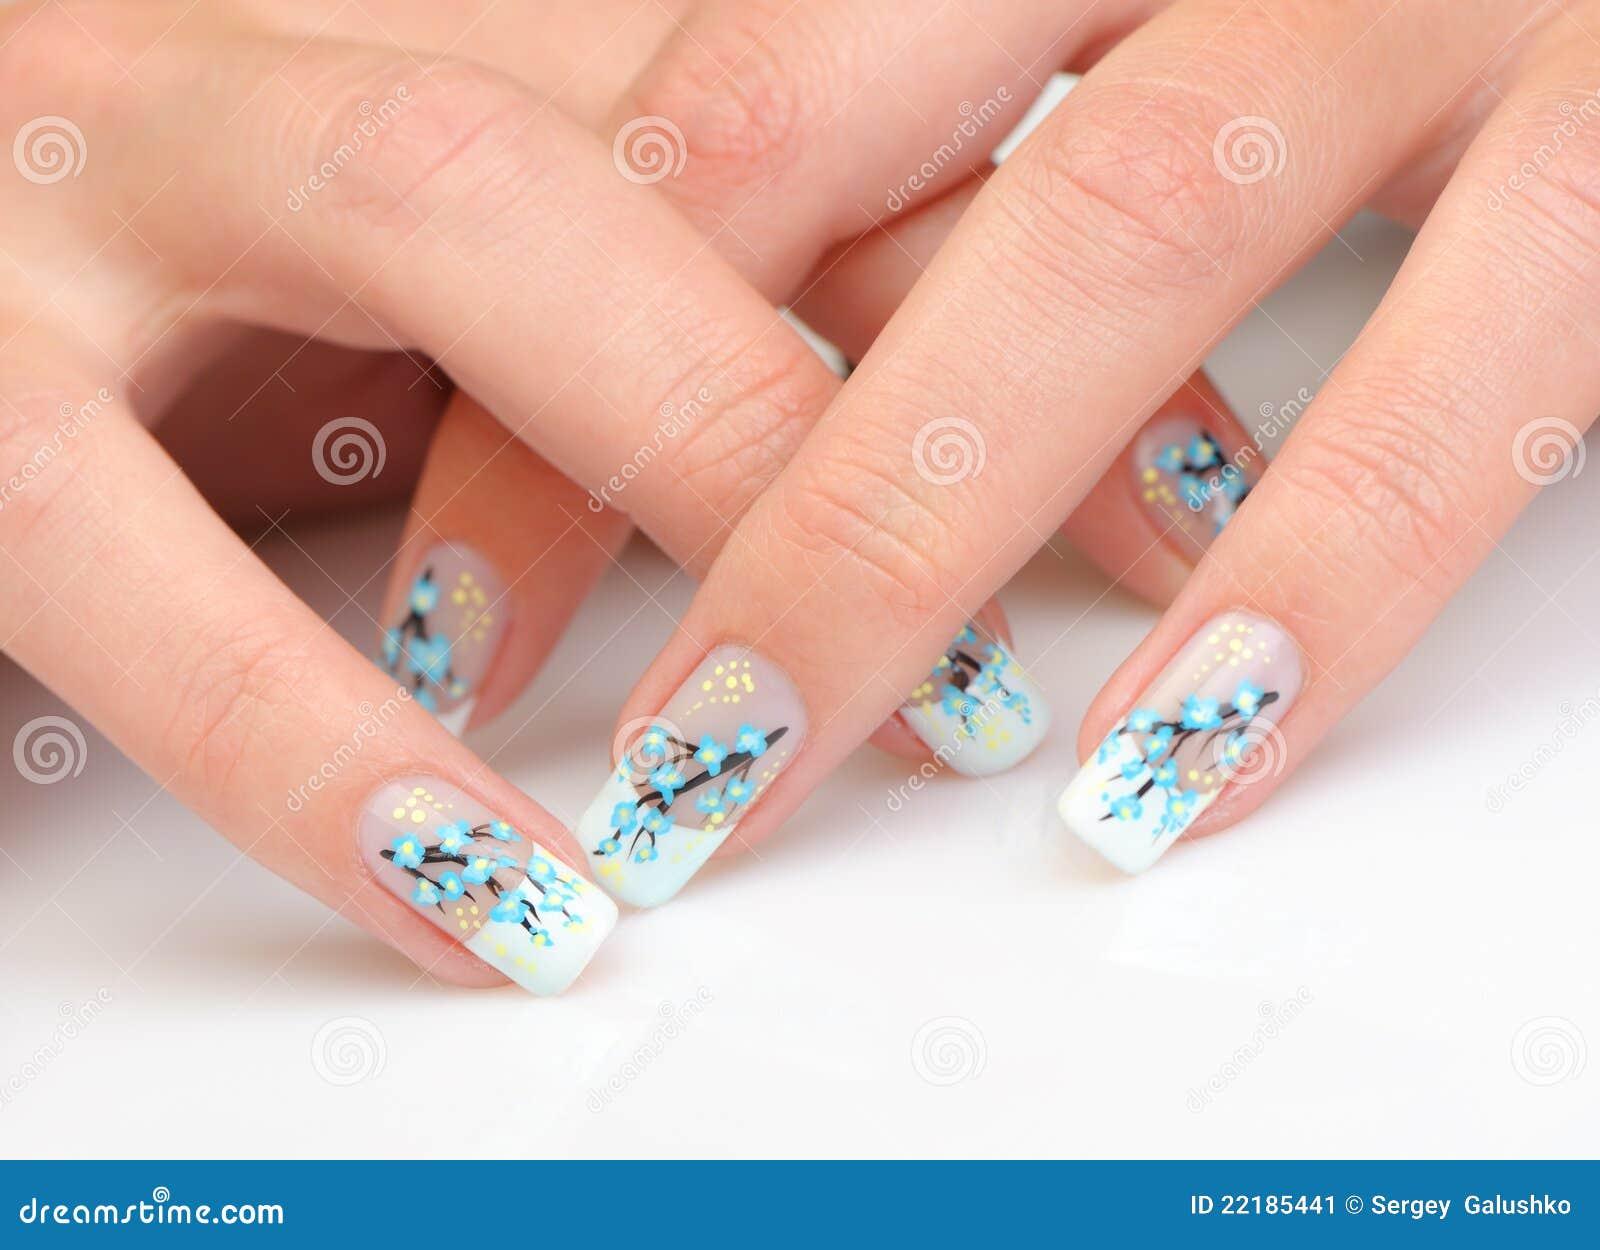 θηλυκό μανικιούρ χεριών